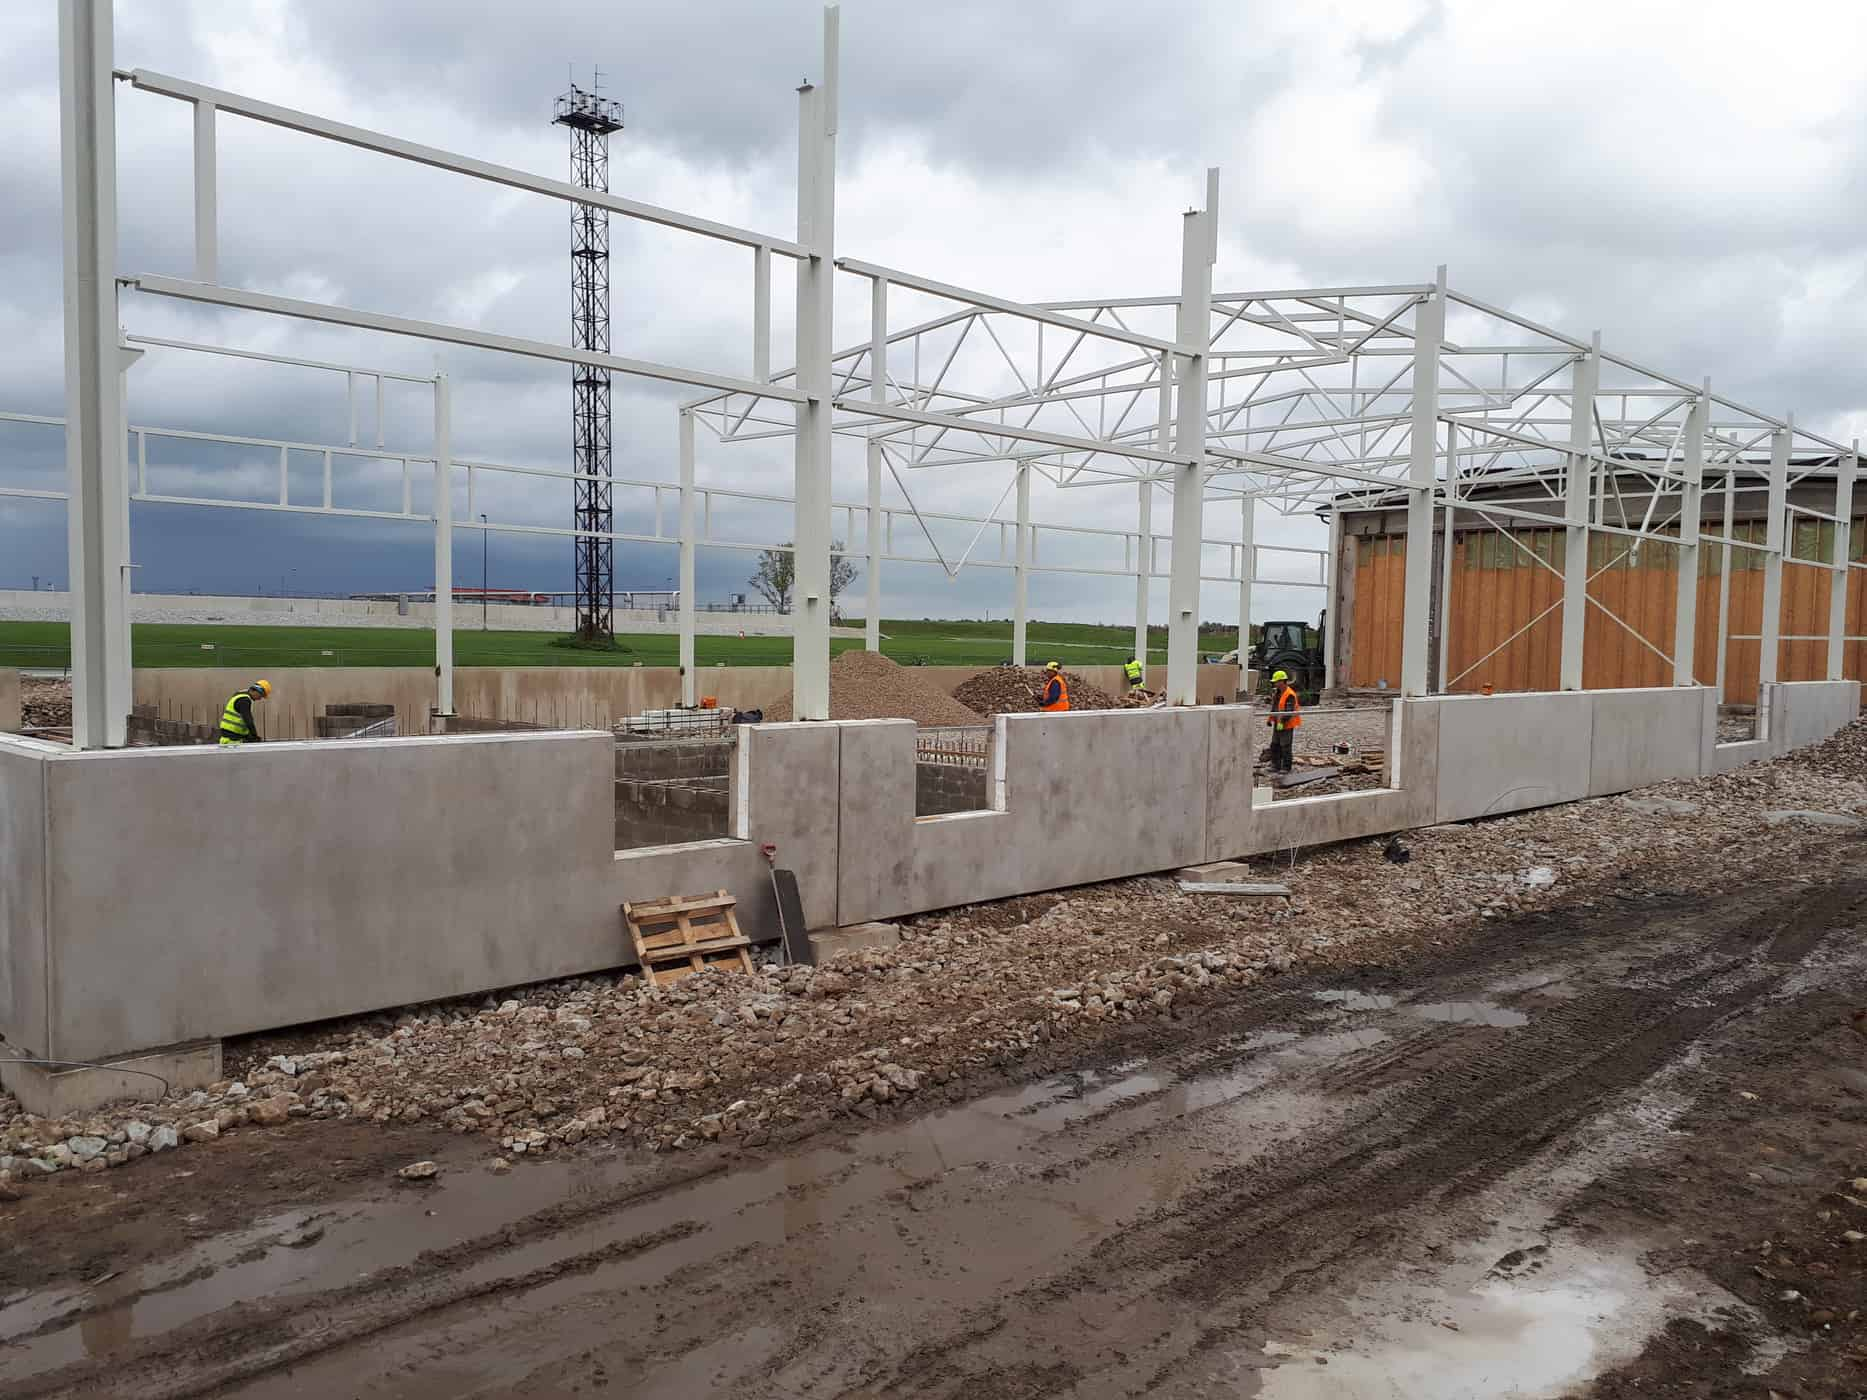 Kohtla-Järve Biopuhasti garaaz